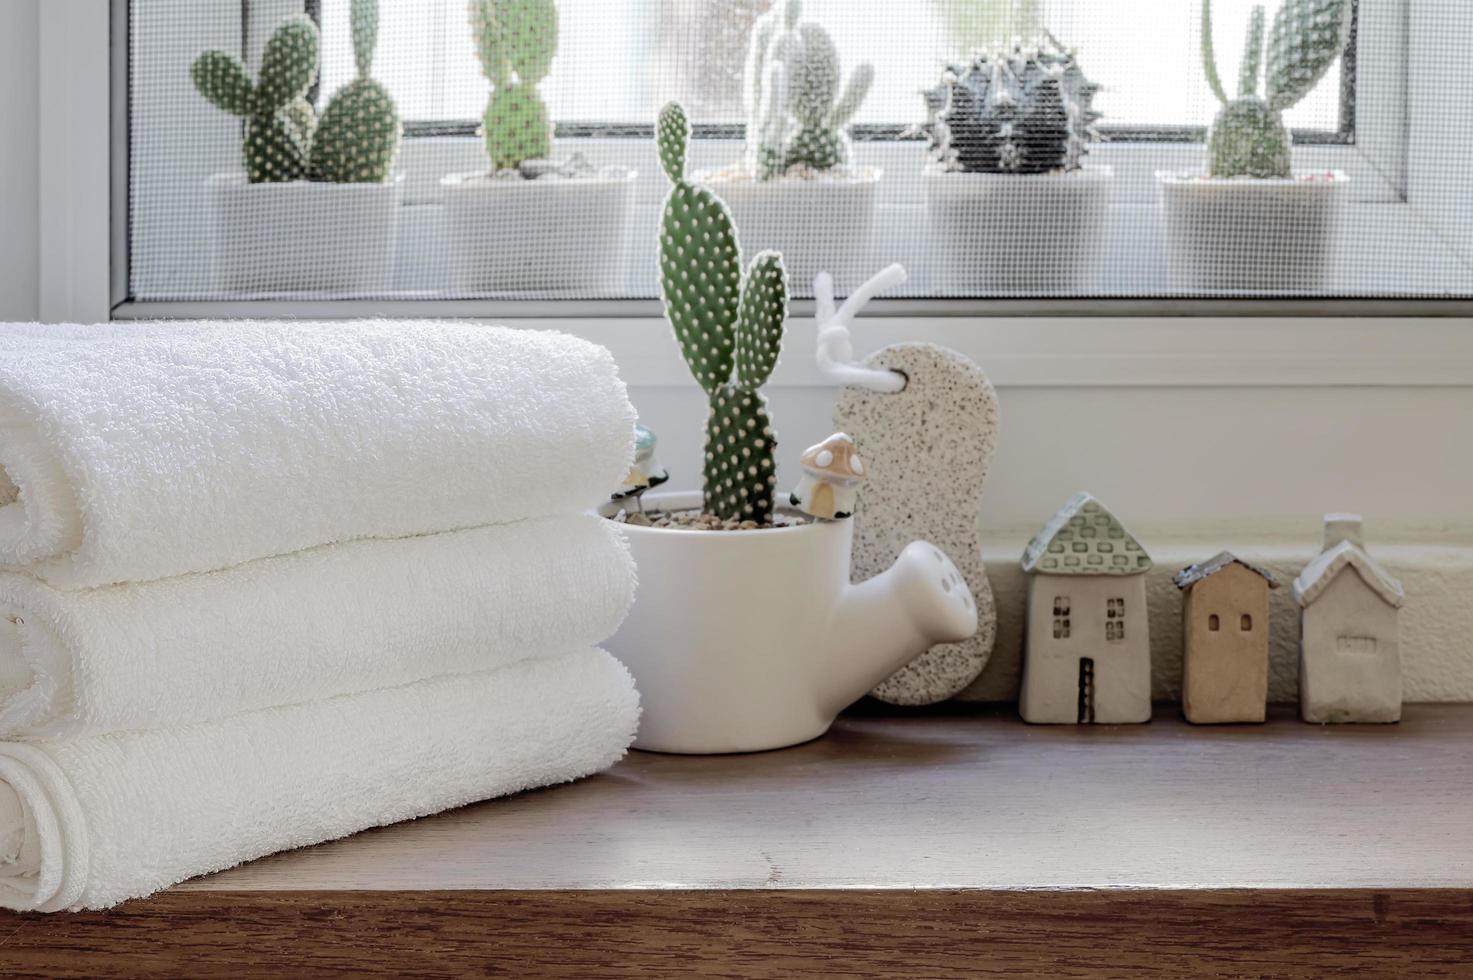 vikta rena handdukar med krukväxt på träbänk foto